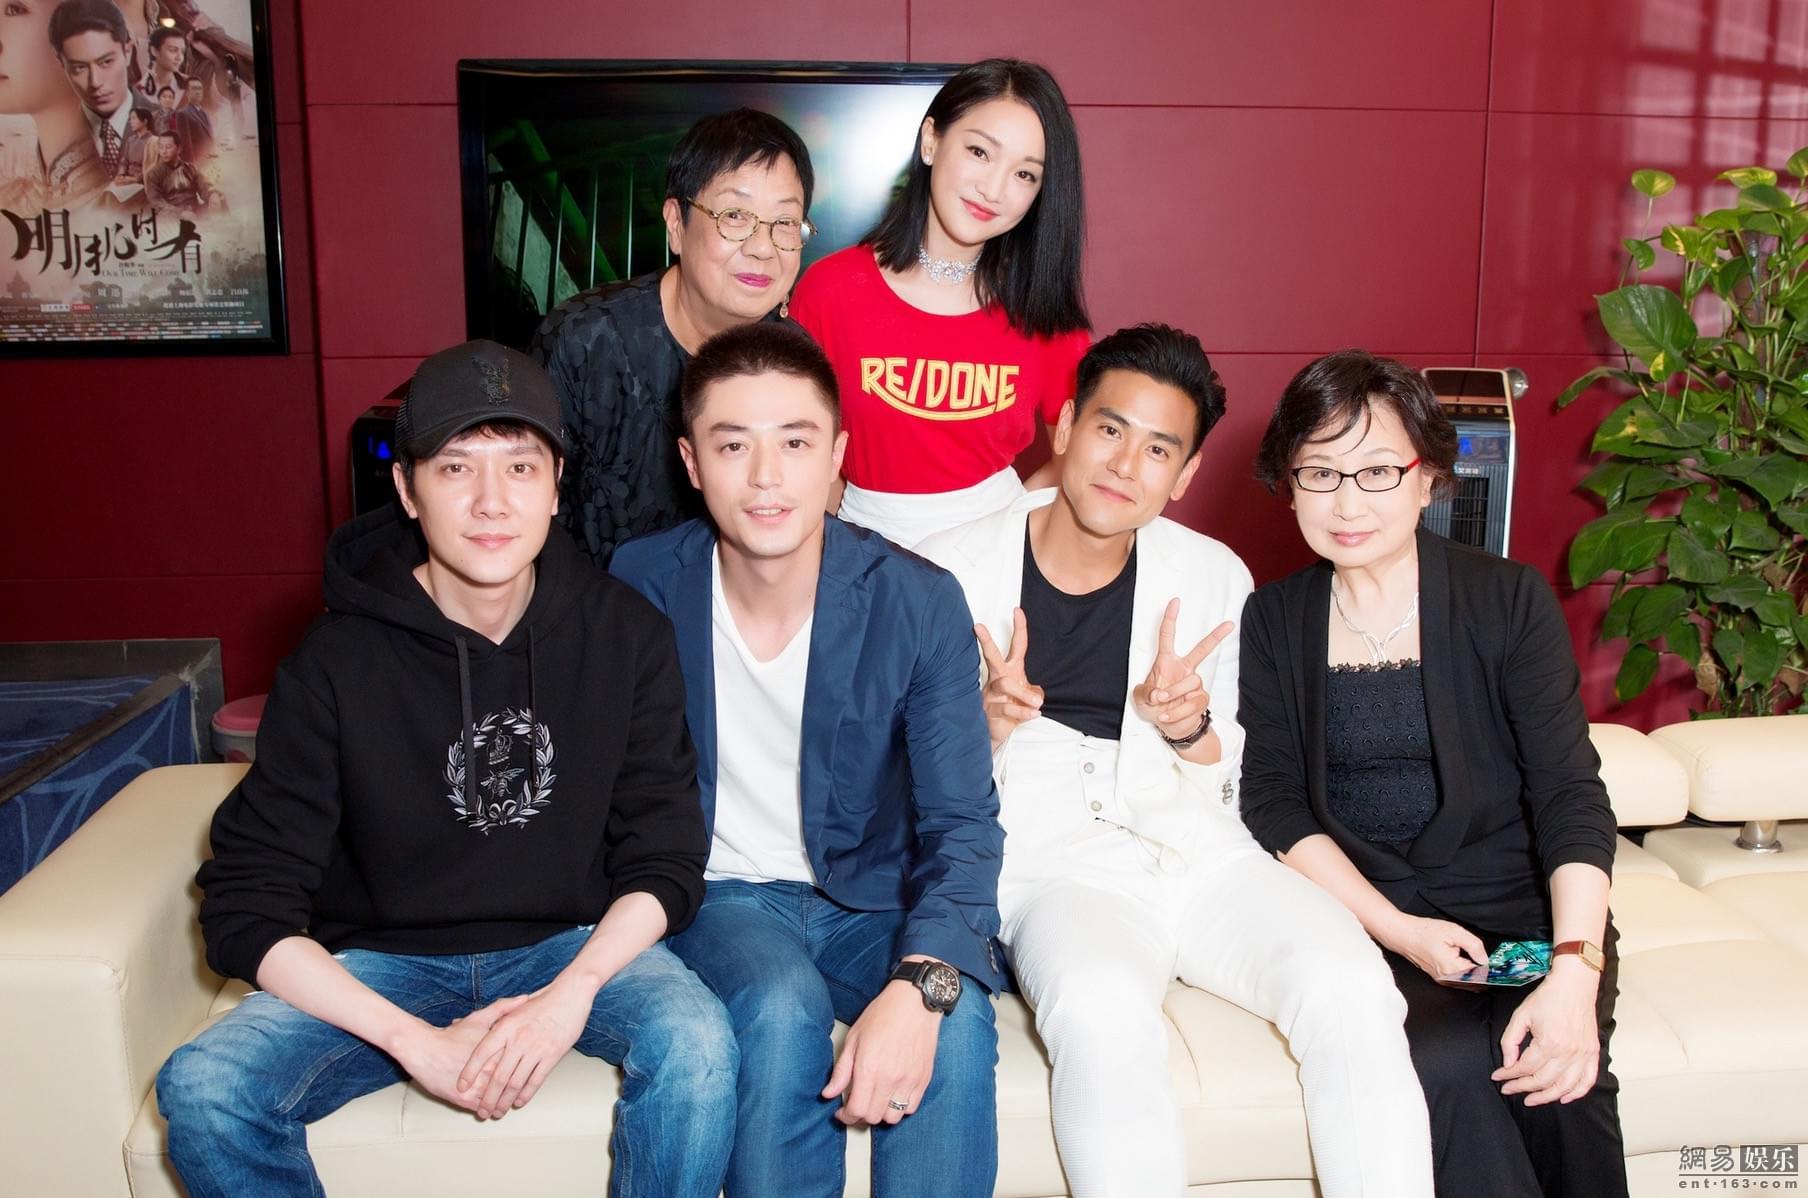 《明月》首映 冯绍峰到场力挺王凯惊喜现身